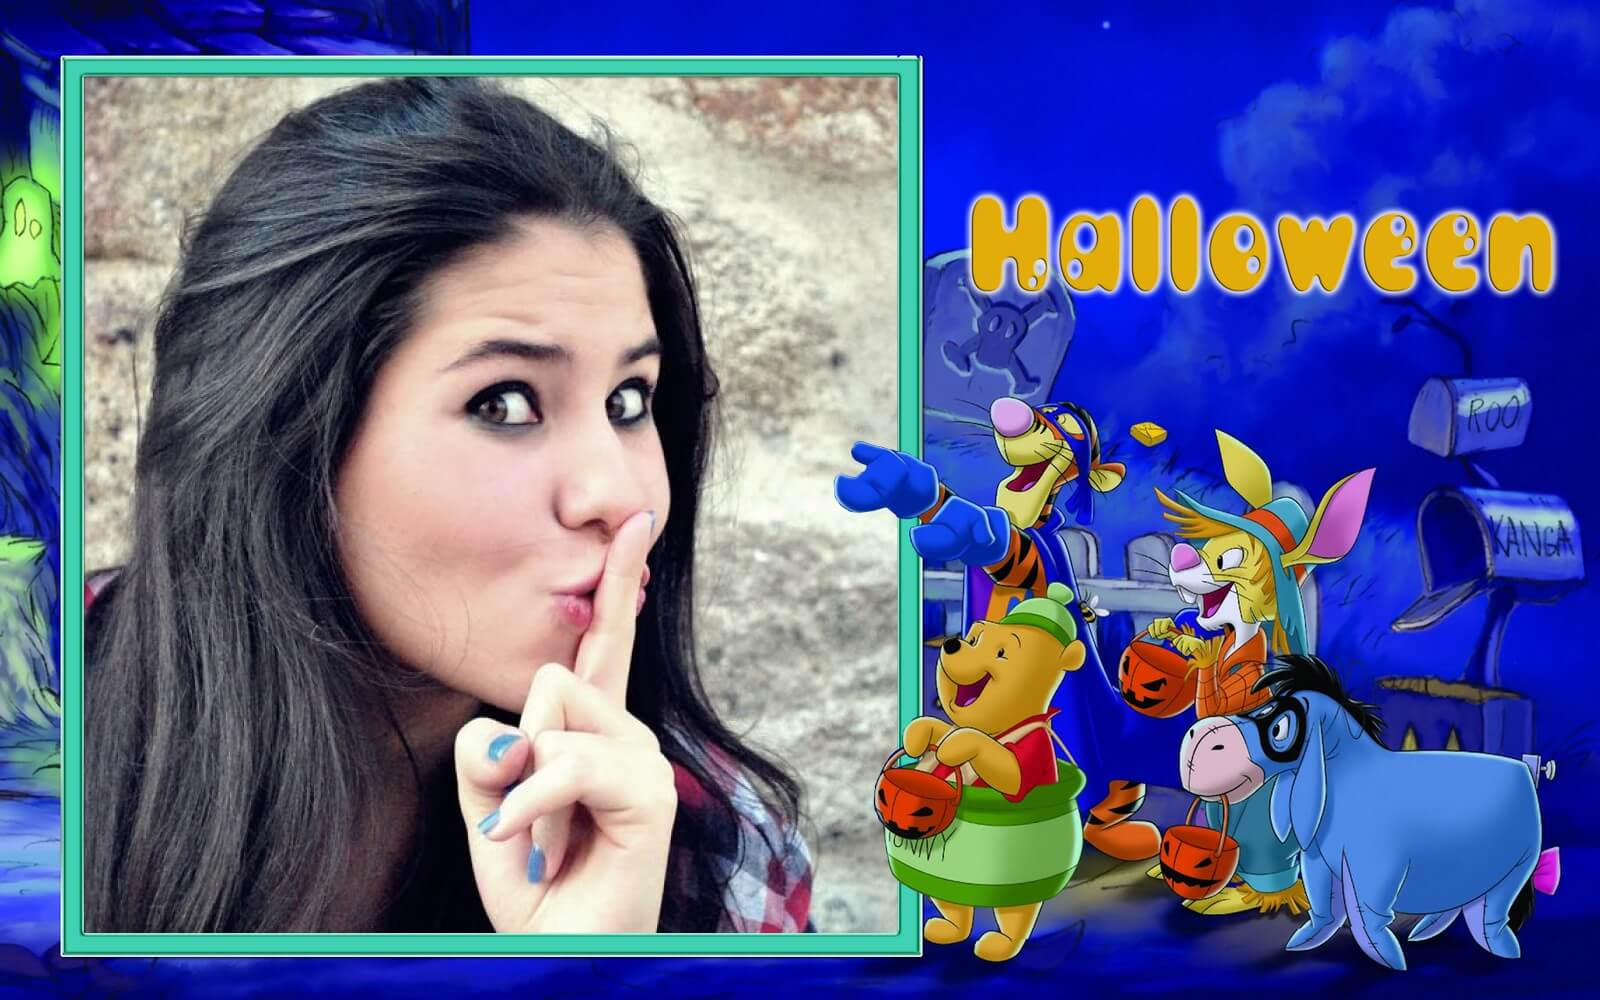 montar-foto-festa-de-halloween-do-ursinho-pooh